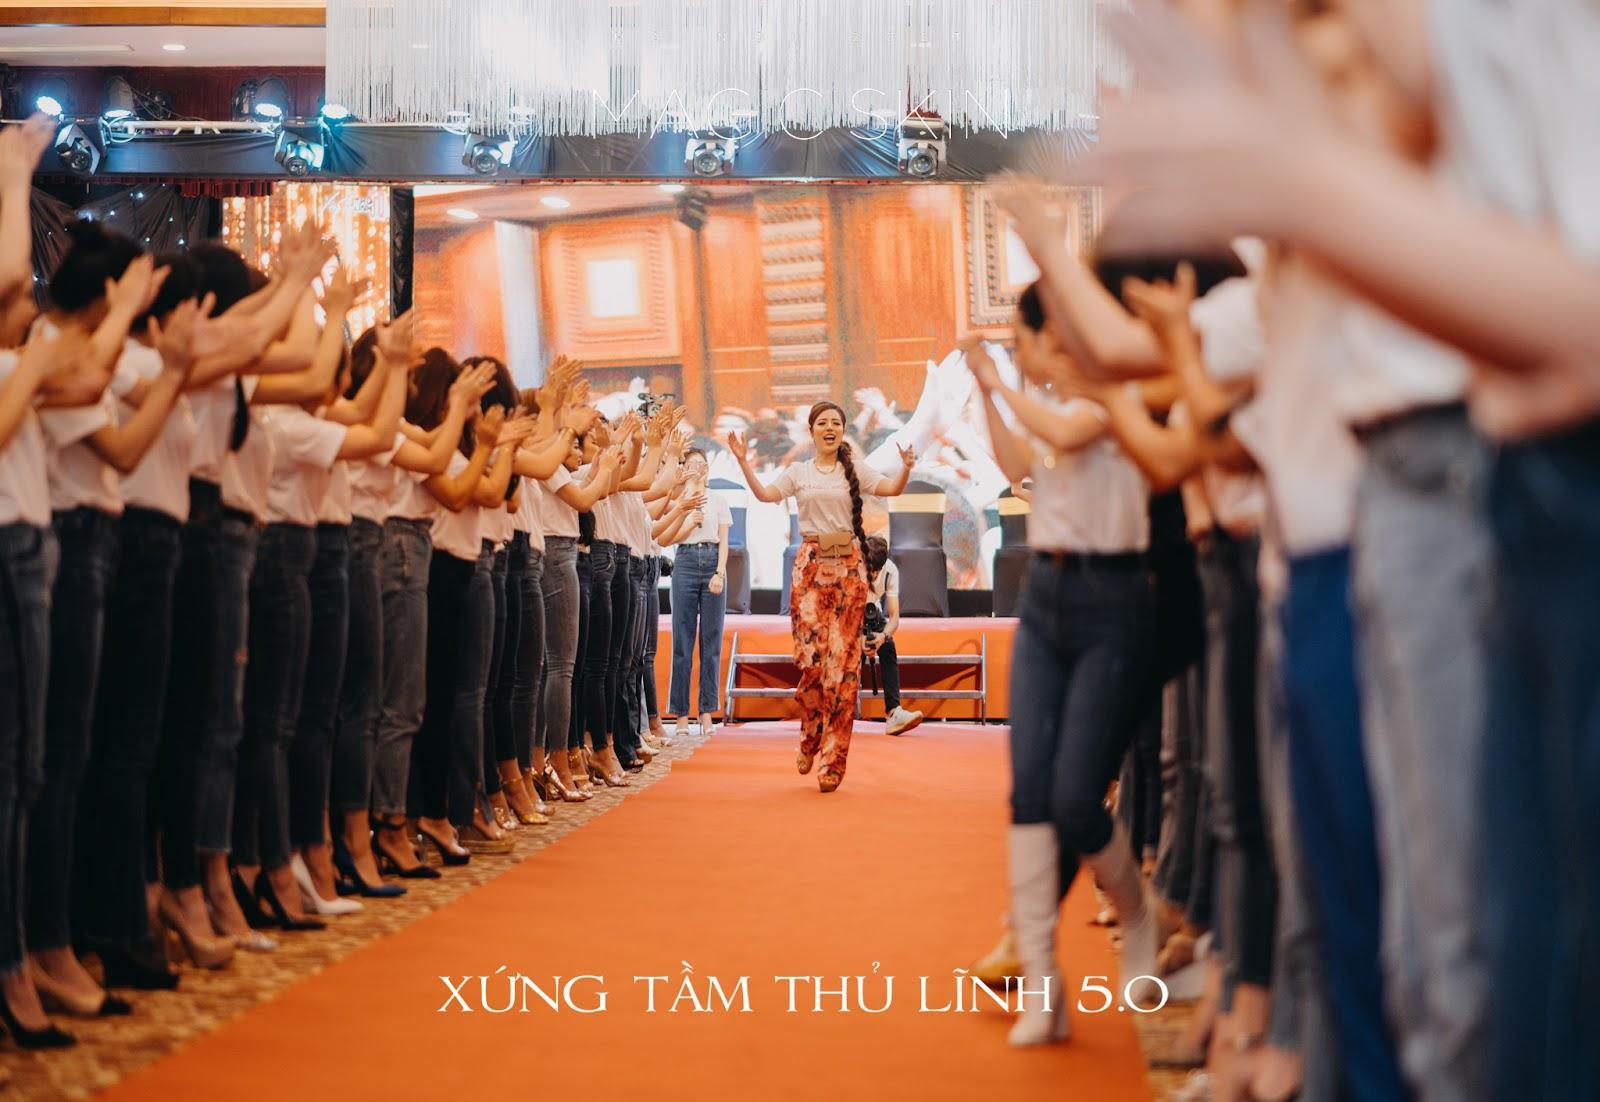 Trở thành thủ lĩnh xứng tầm cùng nữ diễn giả trẻ tuổi Đào Minh Châu trong khóa đào tạo đẳng cấp Xứng tầm thủ lĩnh 5.0 - Ảnh 10